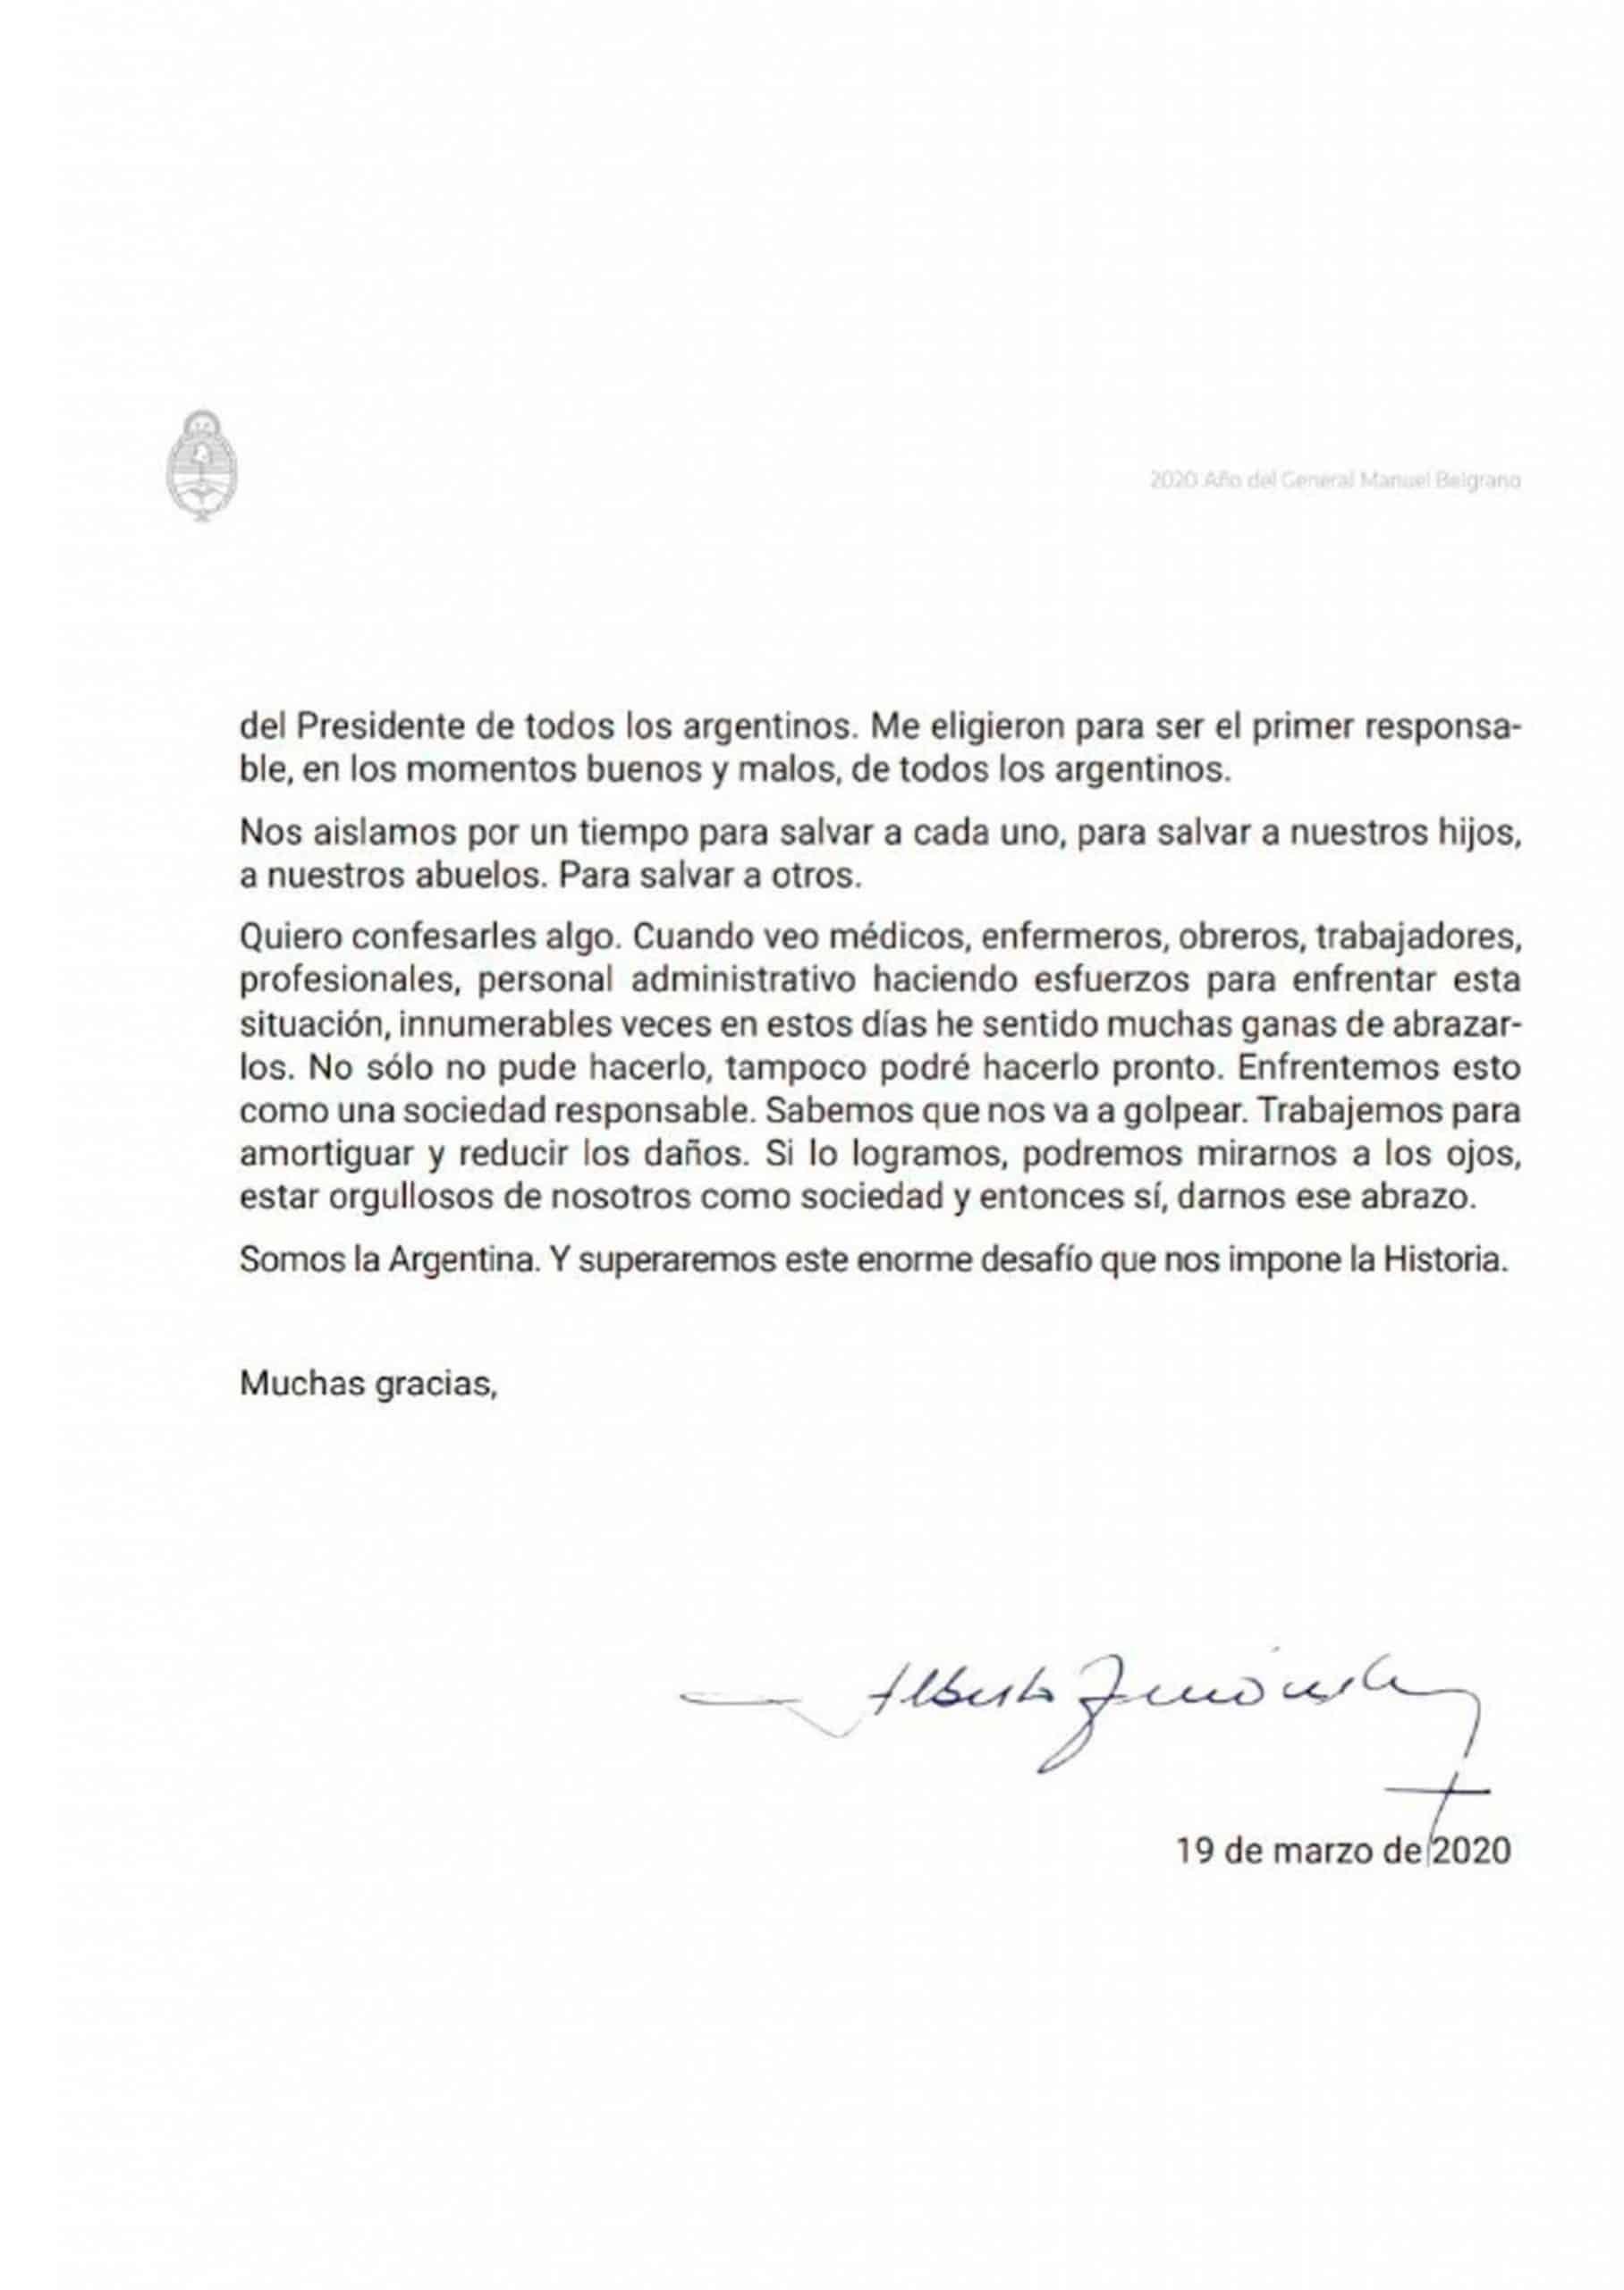 La-carta-del-Presidente-de-la-Nacion-Alberto-Fernandez-al-publo-argentino